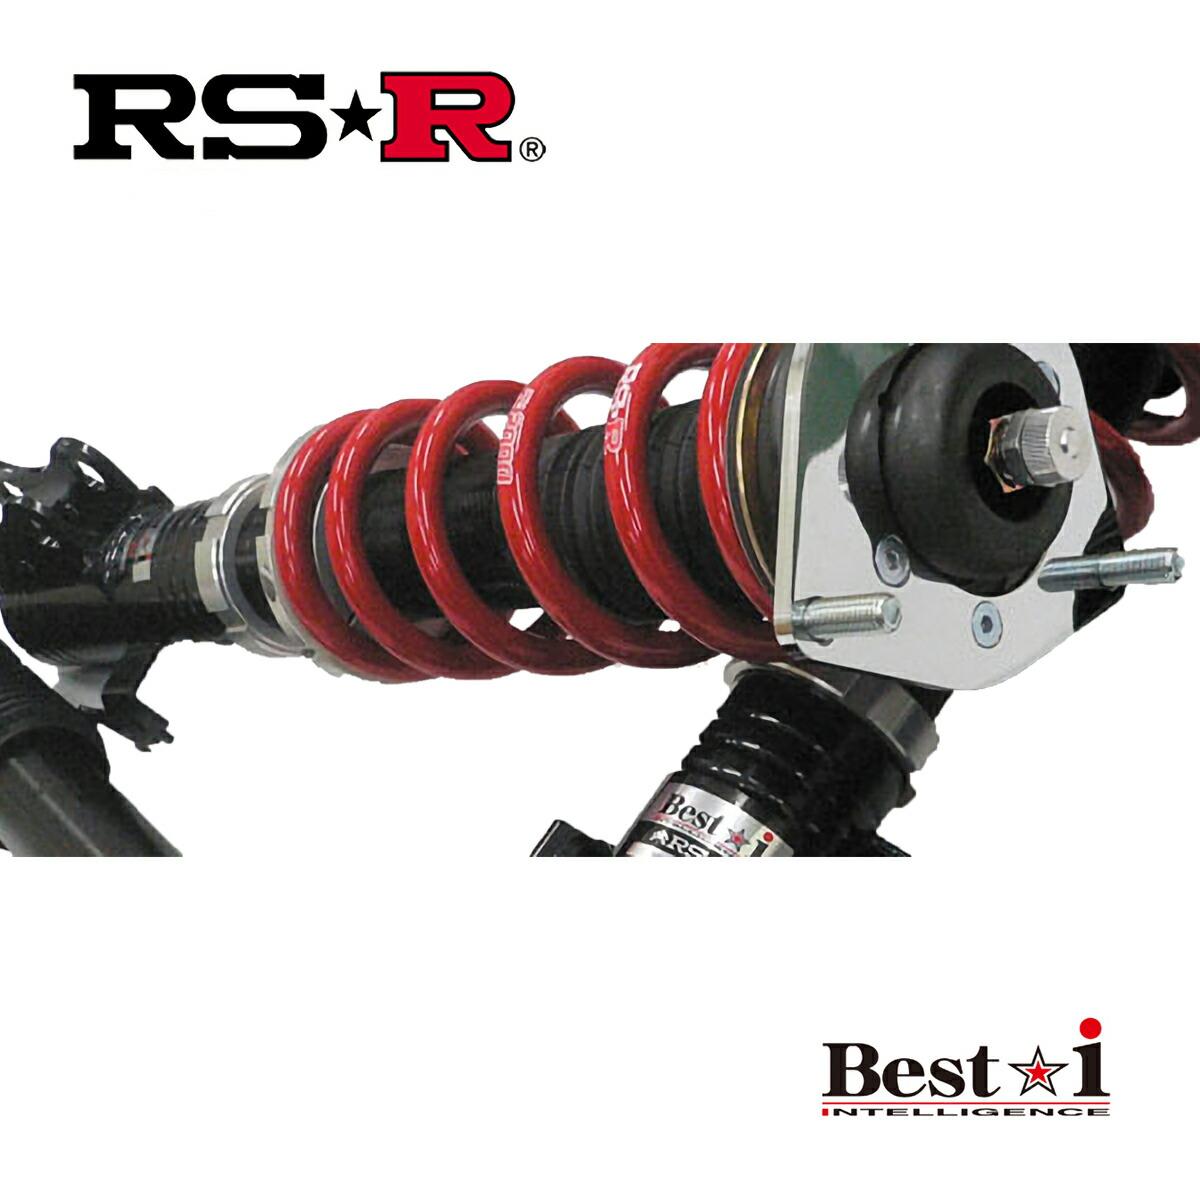 RS-R ヴォクシー ZRR85W(ZRR85Gは未確認) 車高調 推奨仕様商品コード:BIT935M RSR 個人宅発送追金有